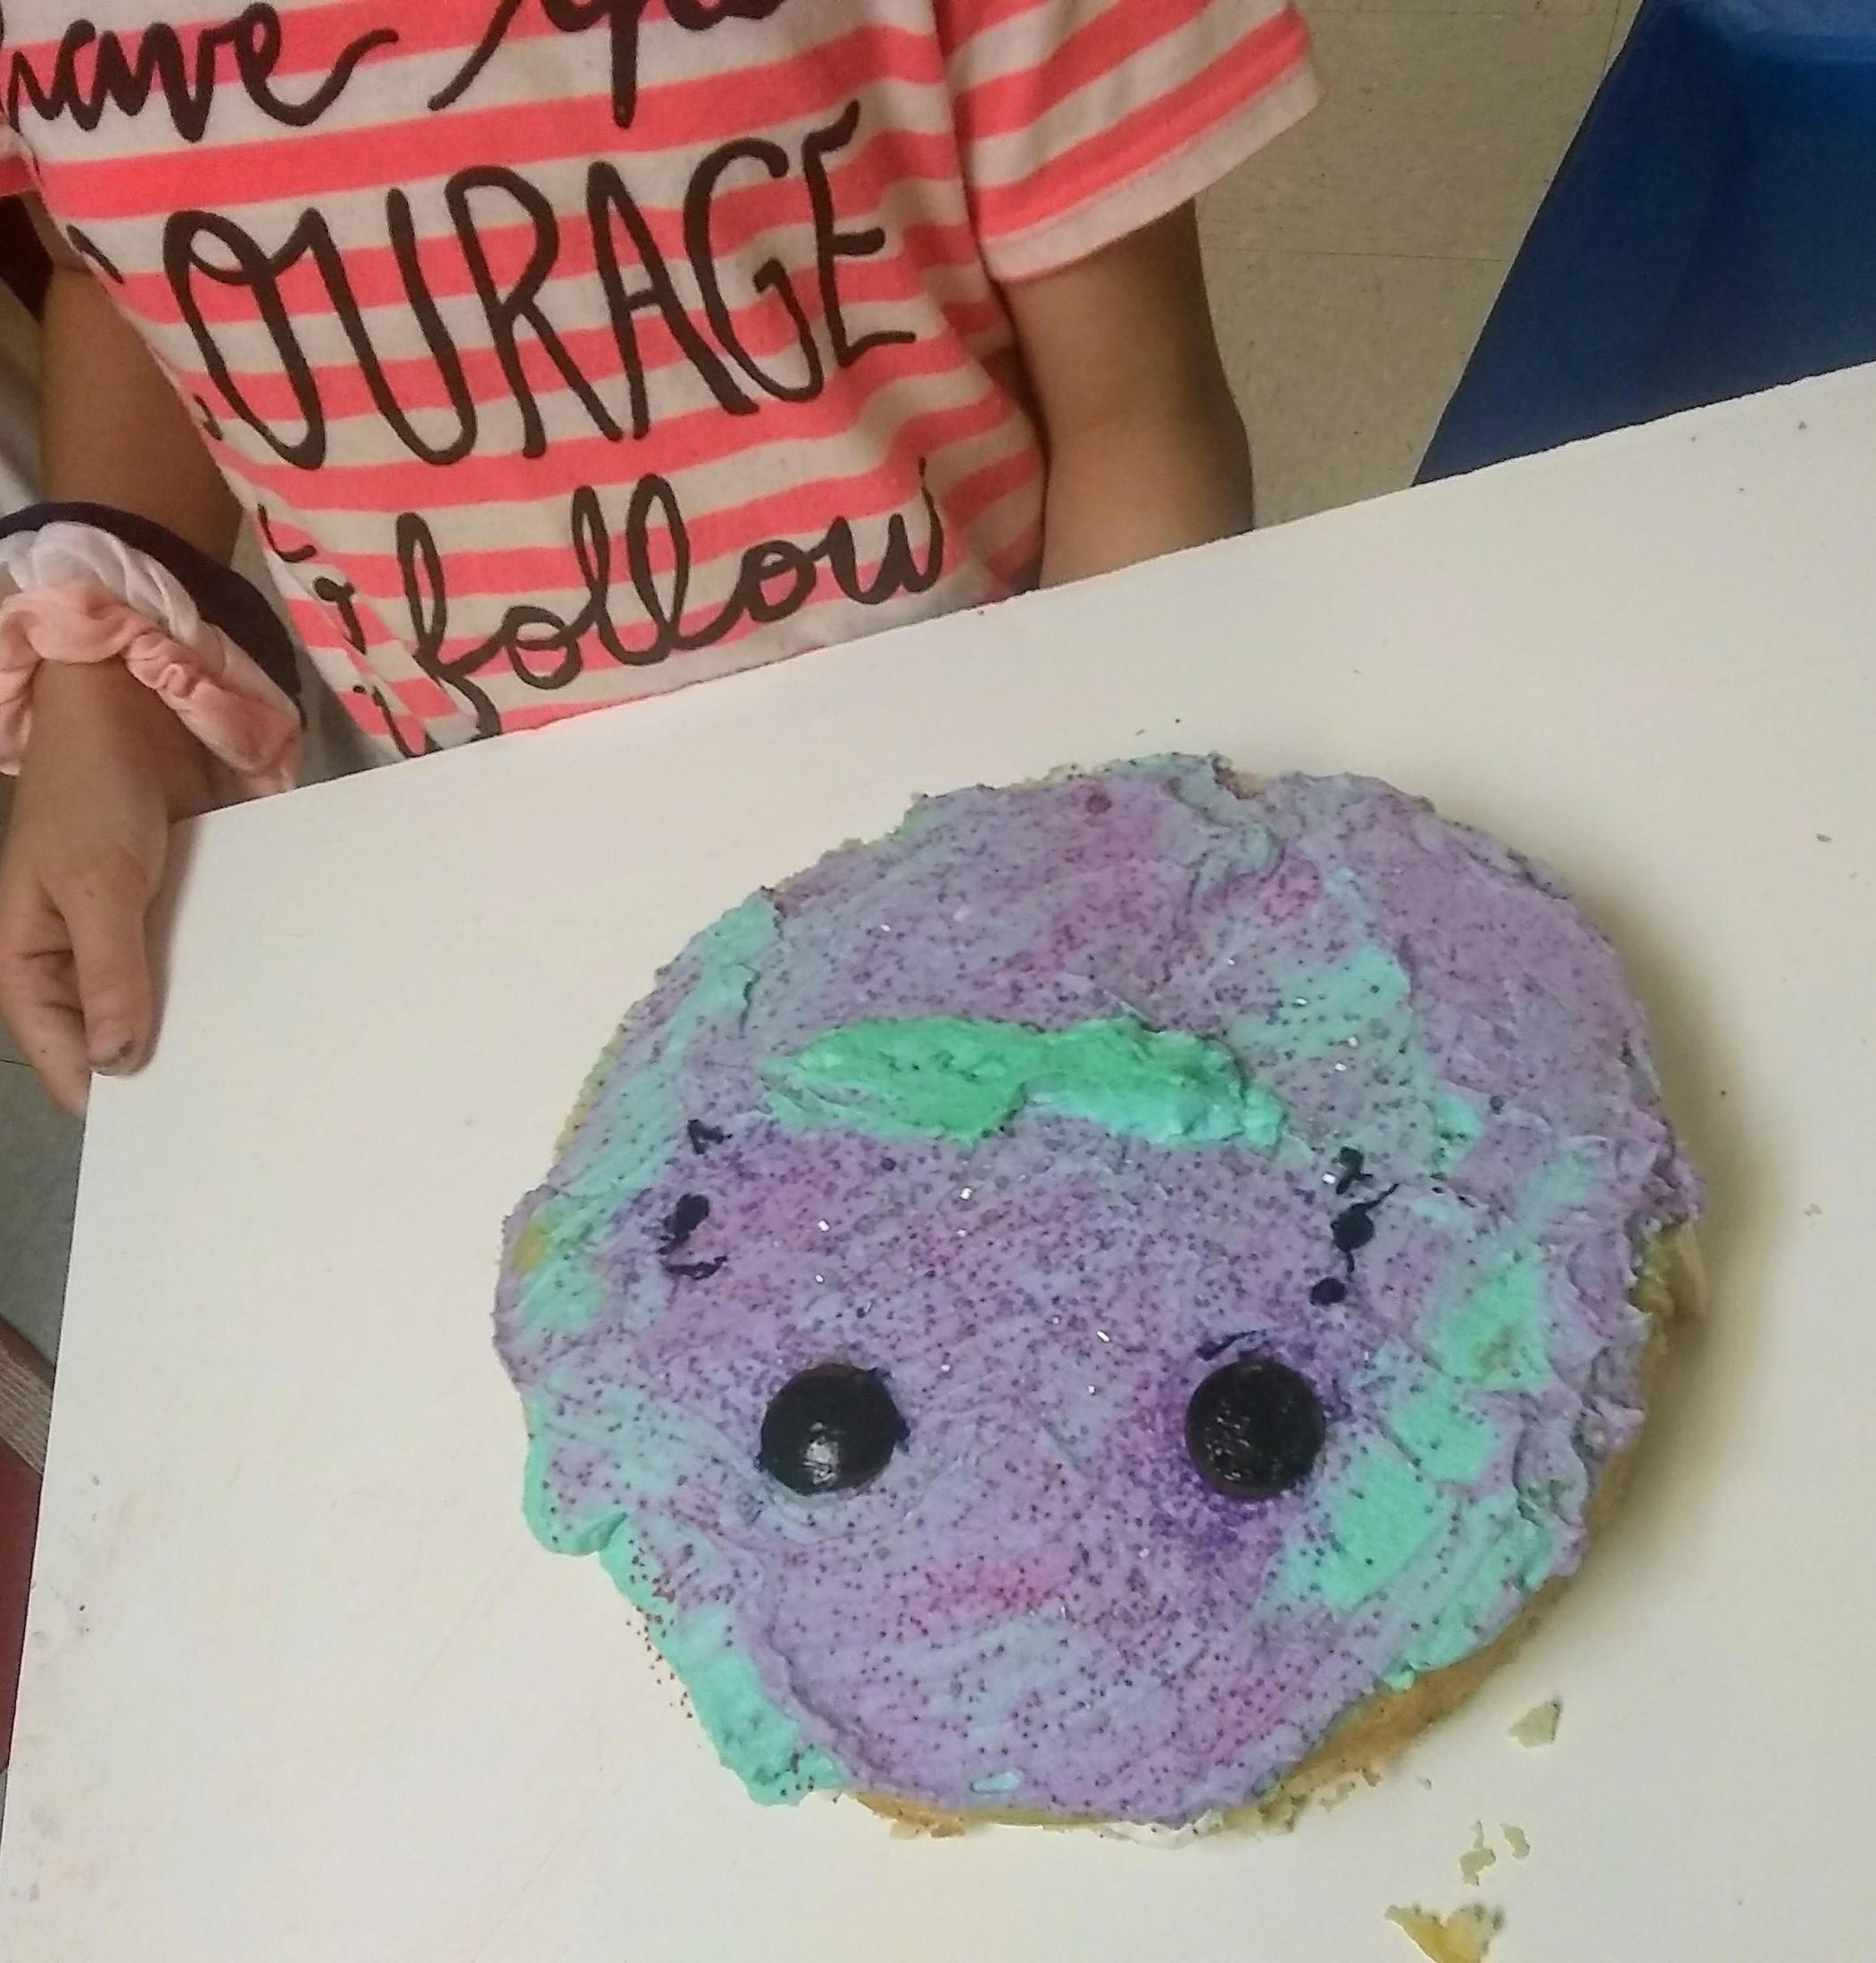 a smiley face cake